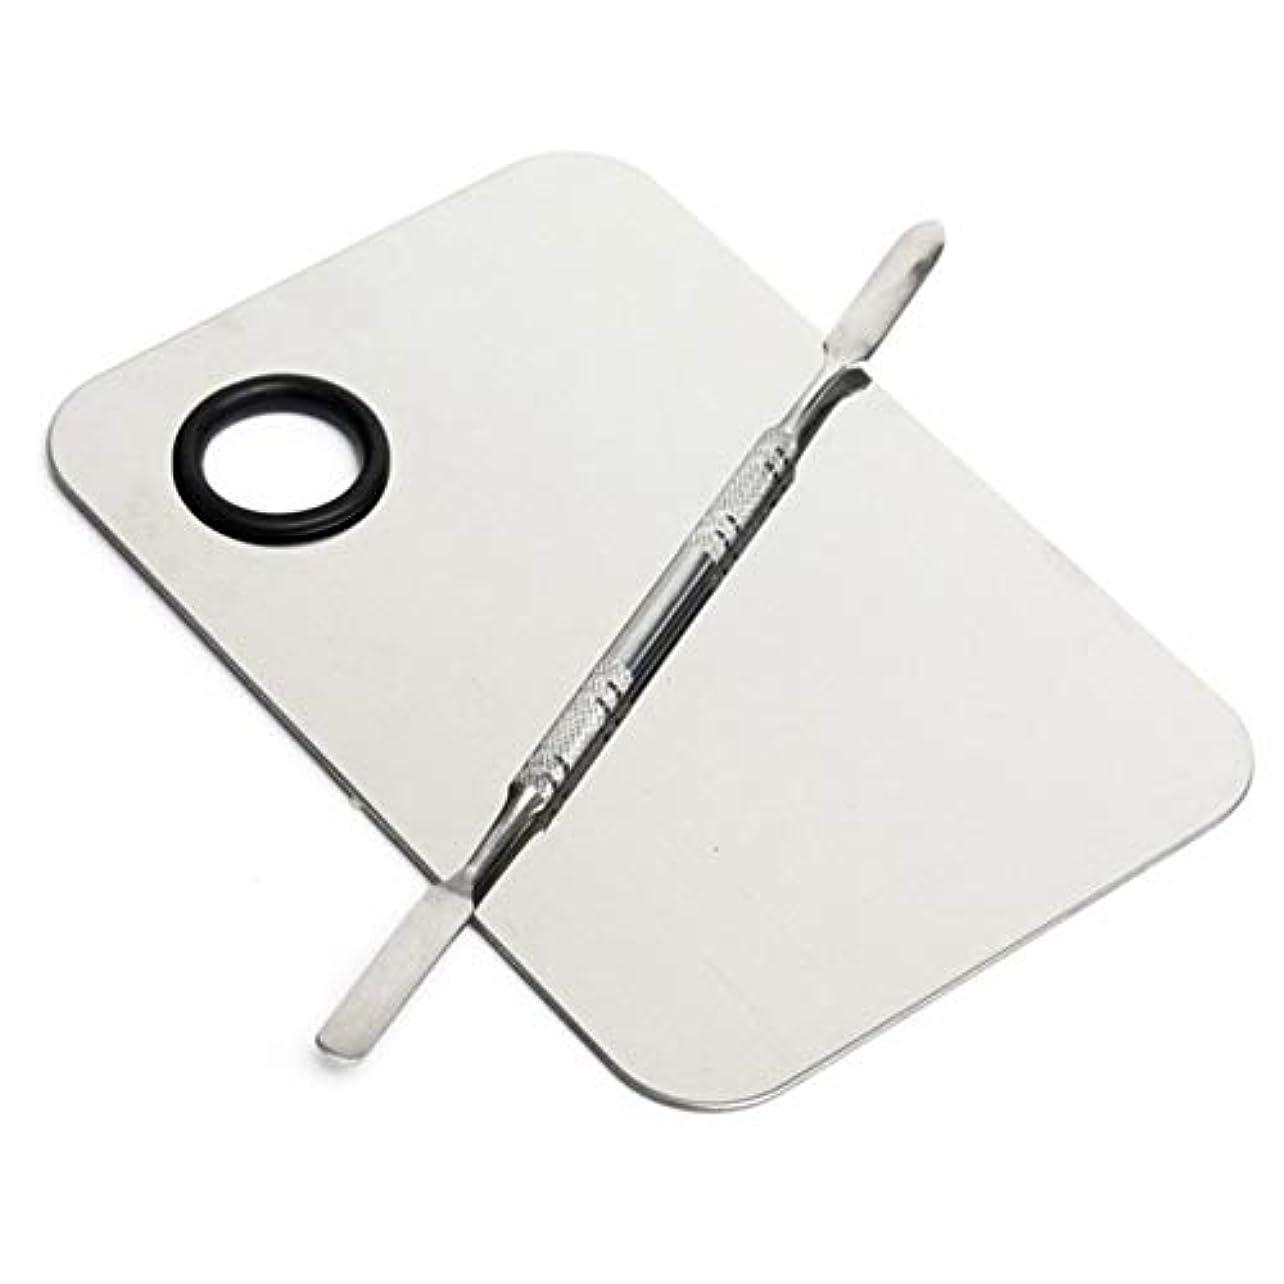 祝う賭けキーステンレス鋼化粧品化粧パレットプレート調整リキッドファンデーション混合メイクアップツール - シルバー